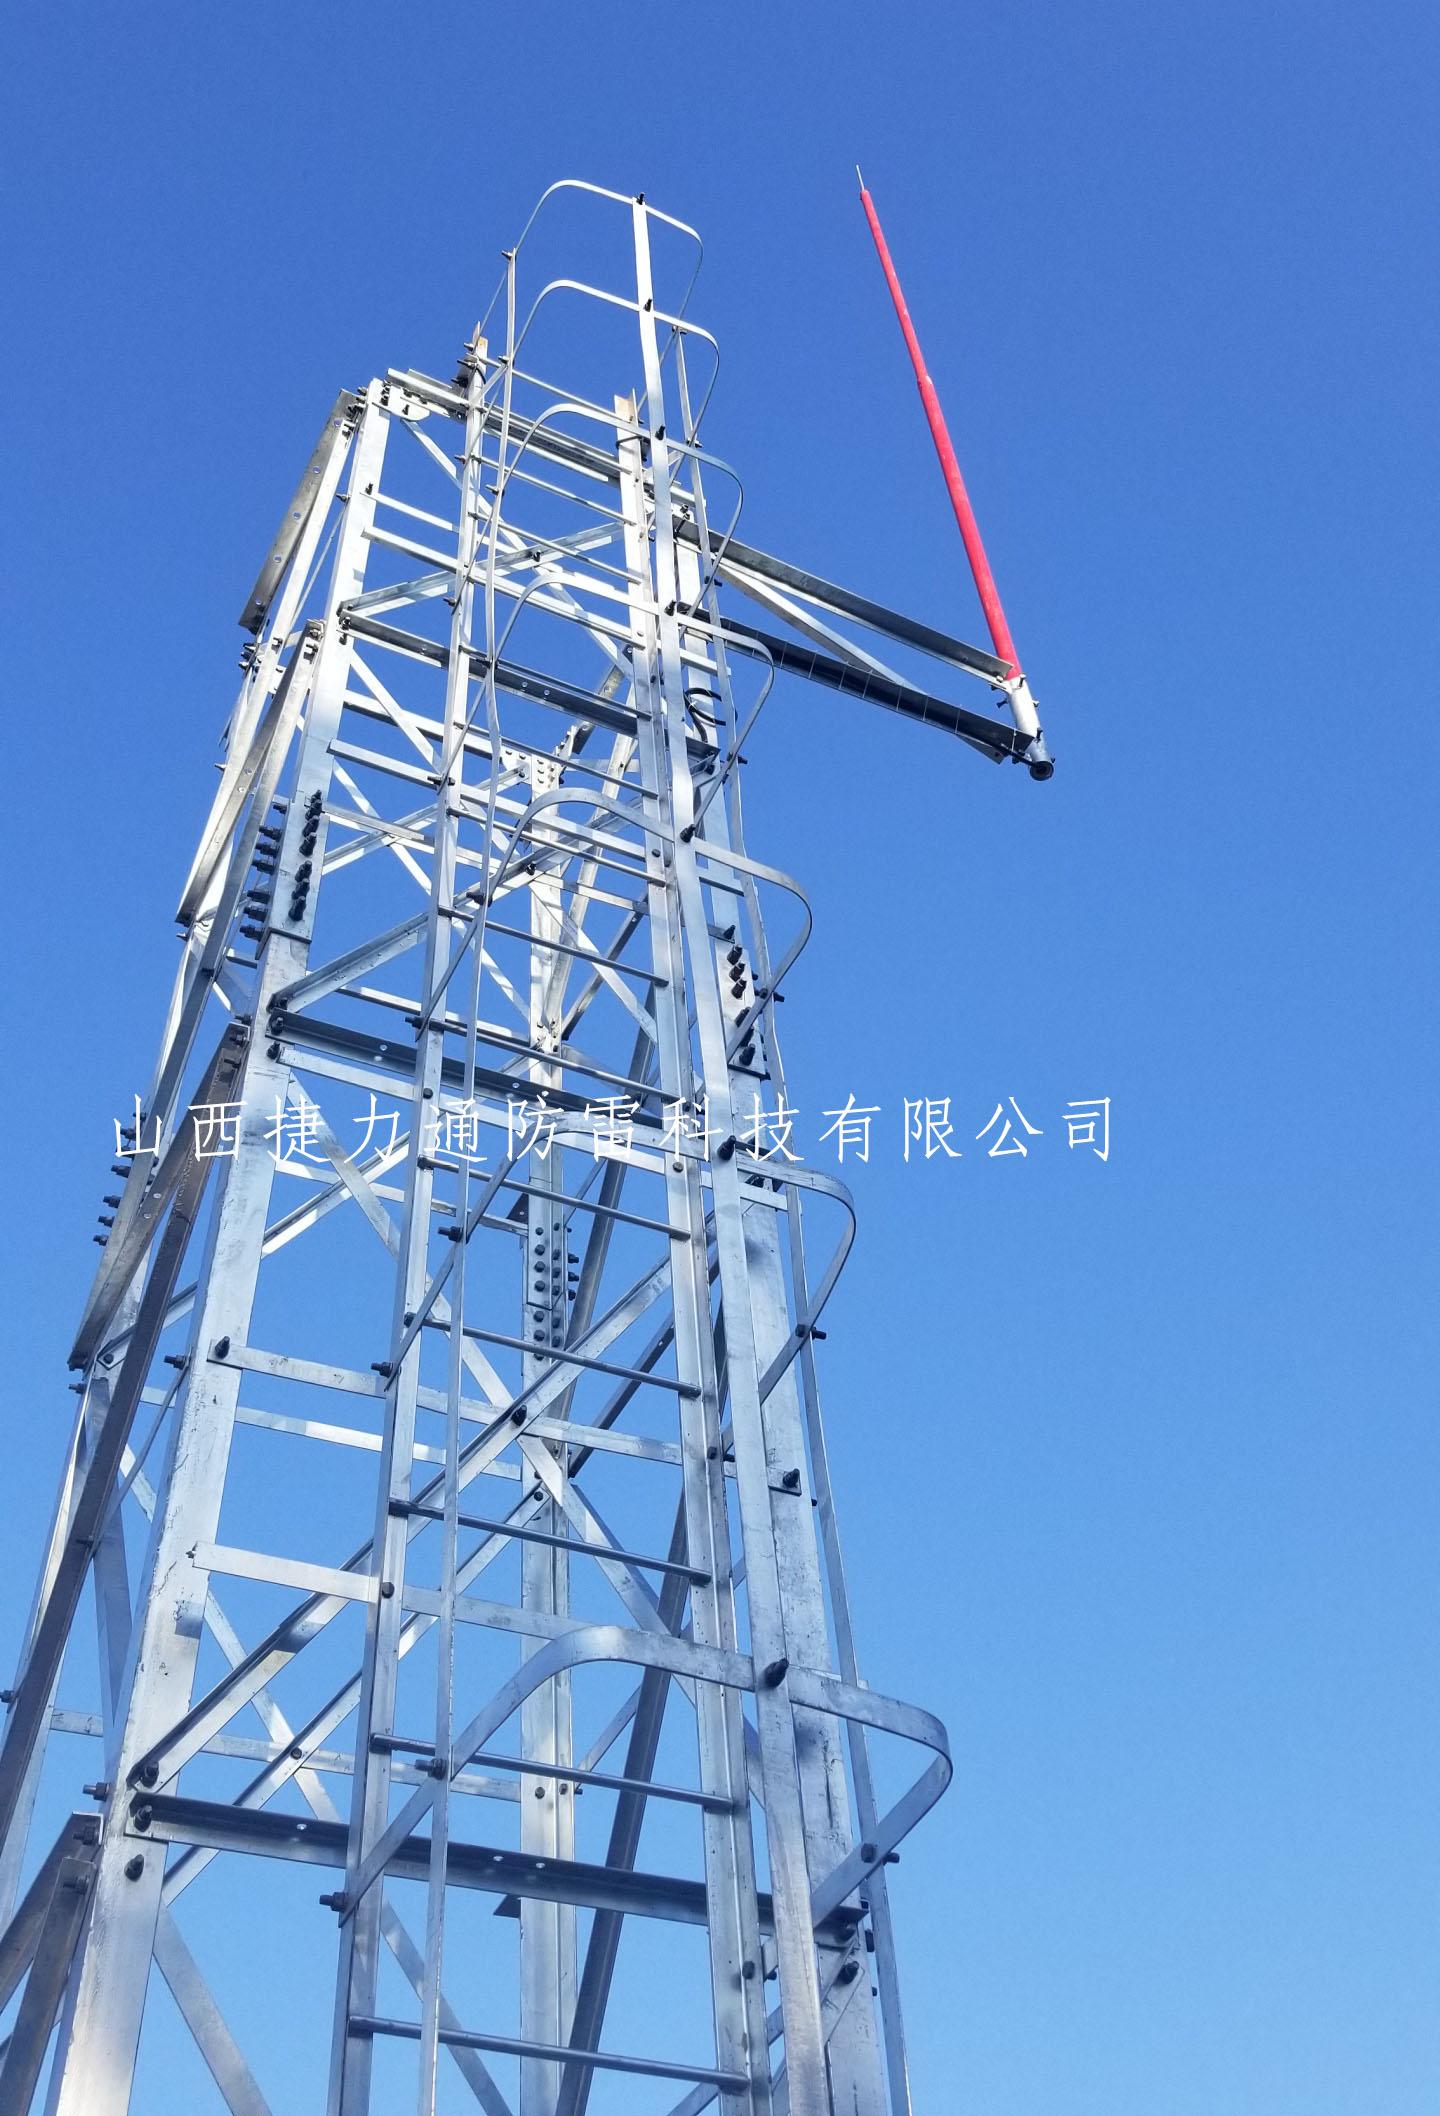 18米高强度雷达避雷针